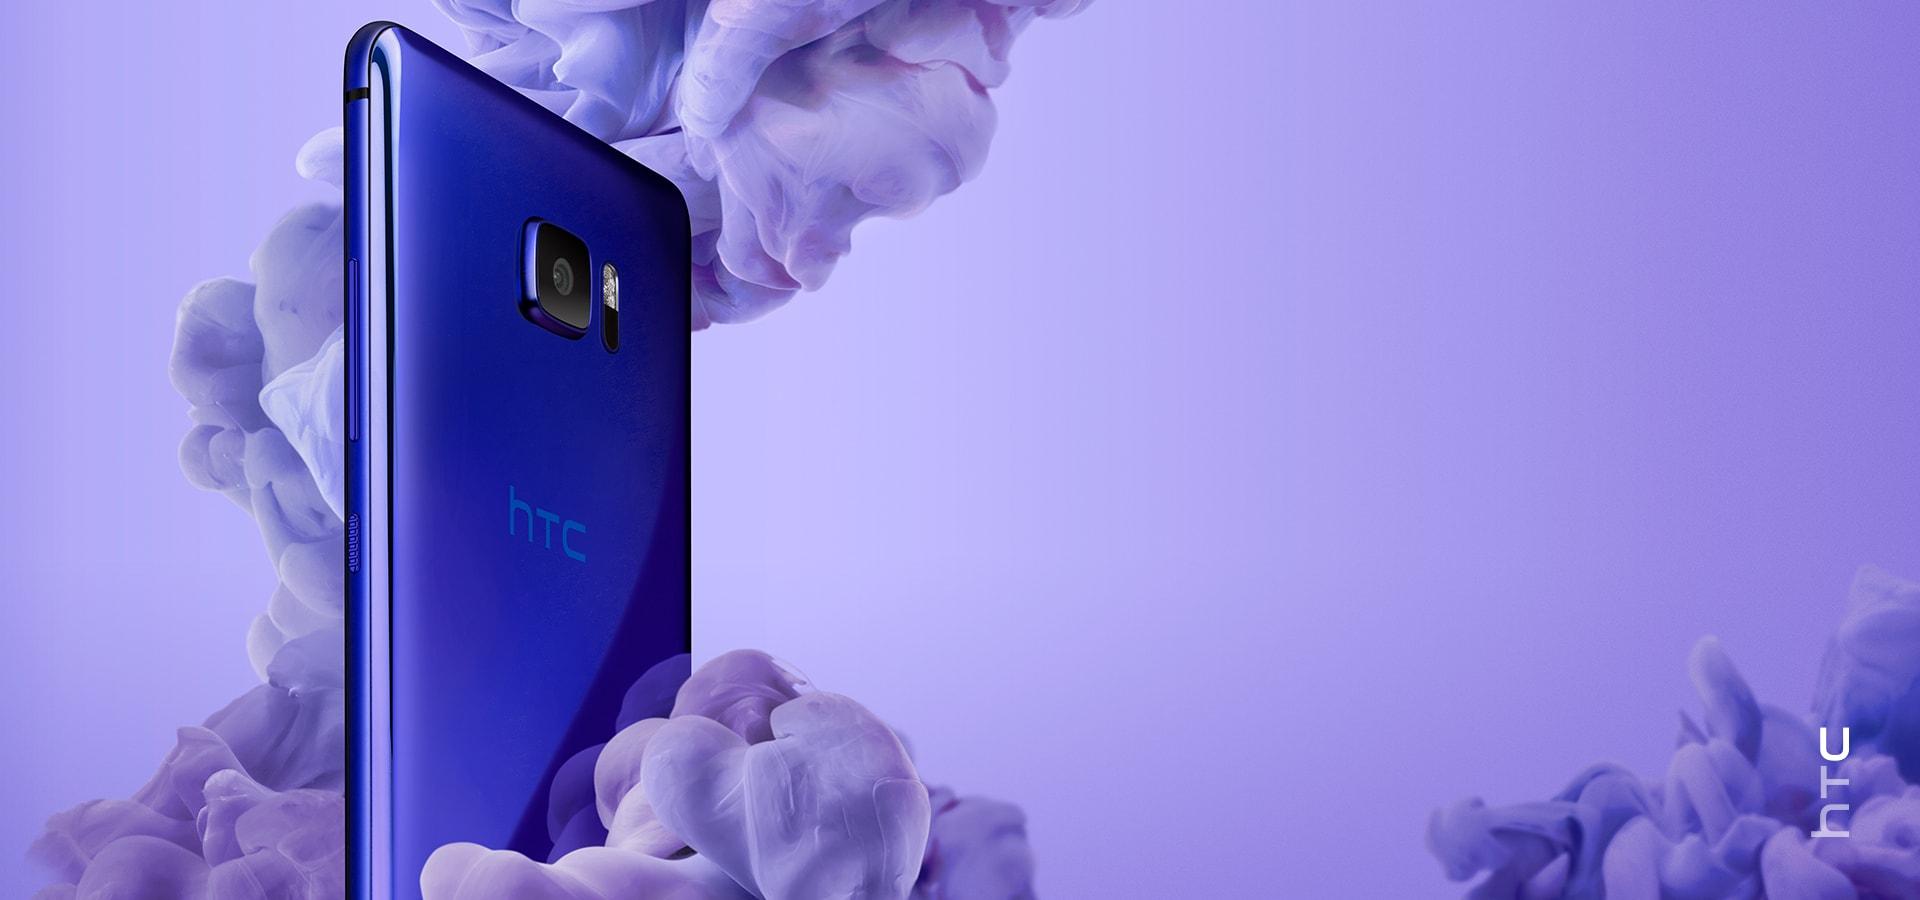 HTC U Ultra, czyli trochę HTC, trochę Samsunga, LG i Motoroli. Czuję, że to nie będzie udana linia